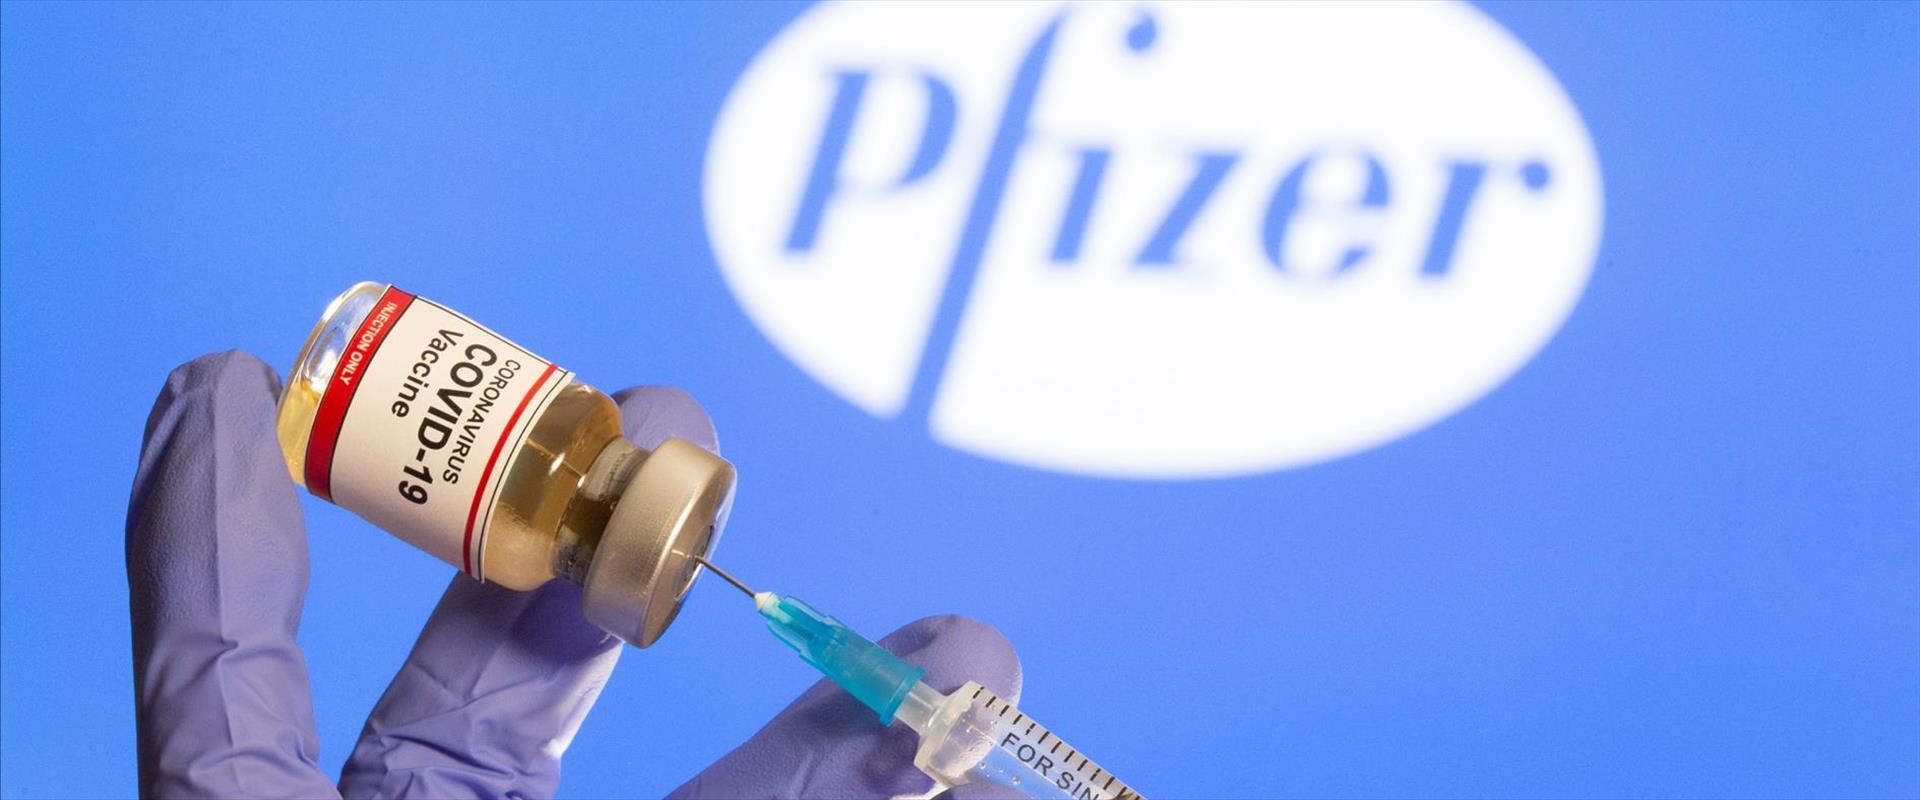 La course aux vaccins Ministre de la Santé: Demain, le contrat avec Pfizer sera signé